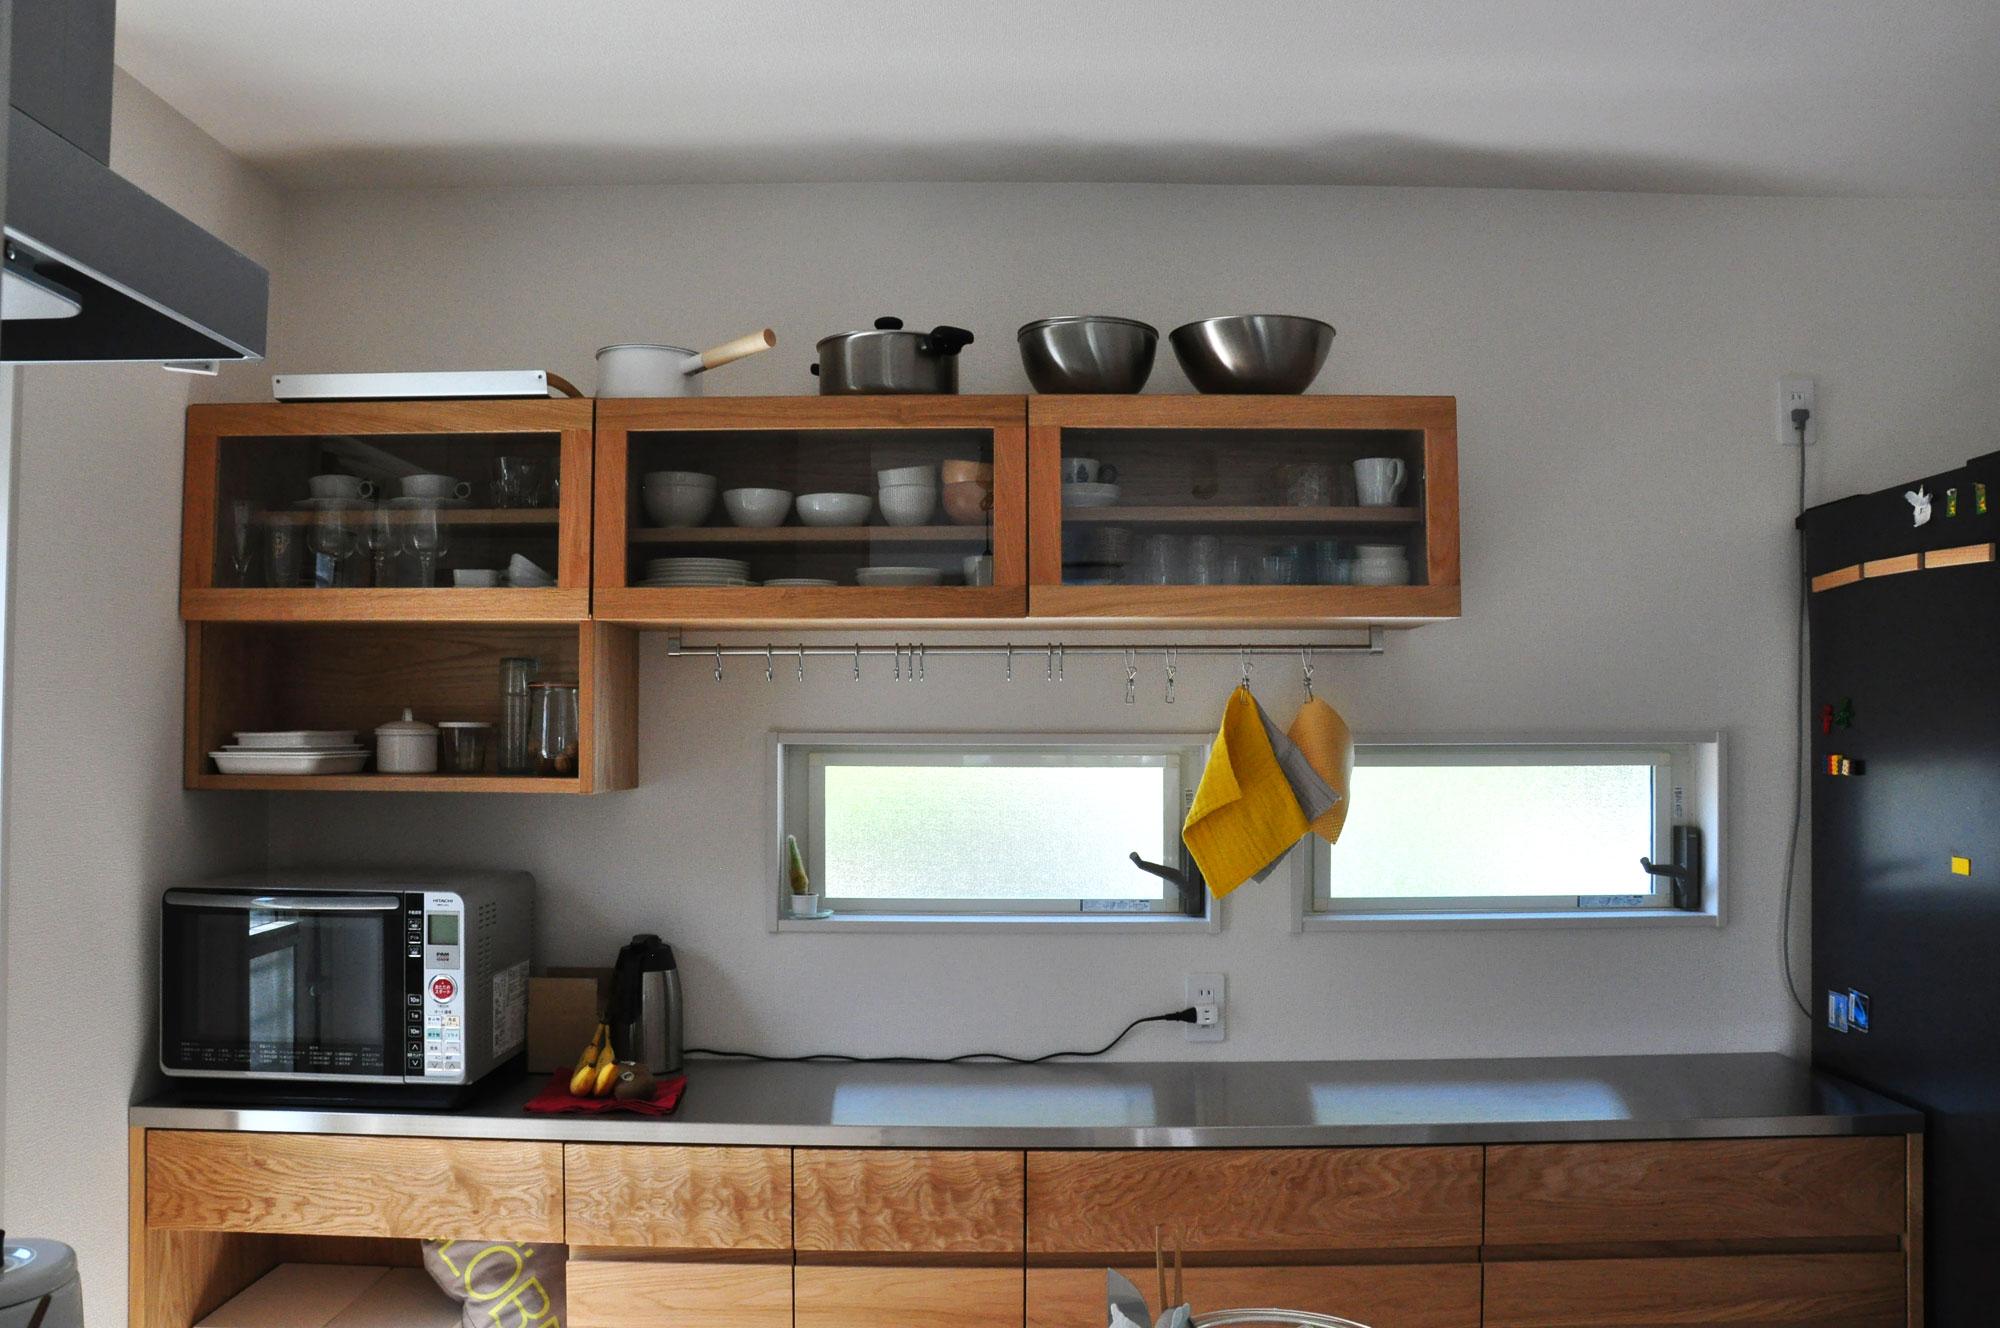 壁から冷蔵庫までの食器棚と吊戸棚 ツールバーを付けて 5057